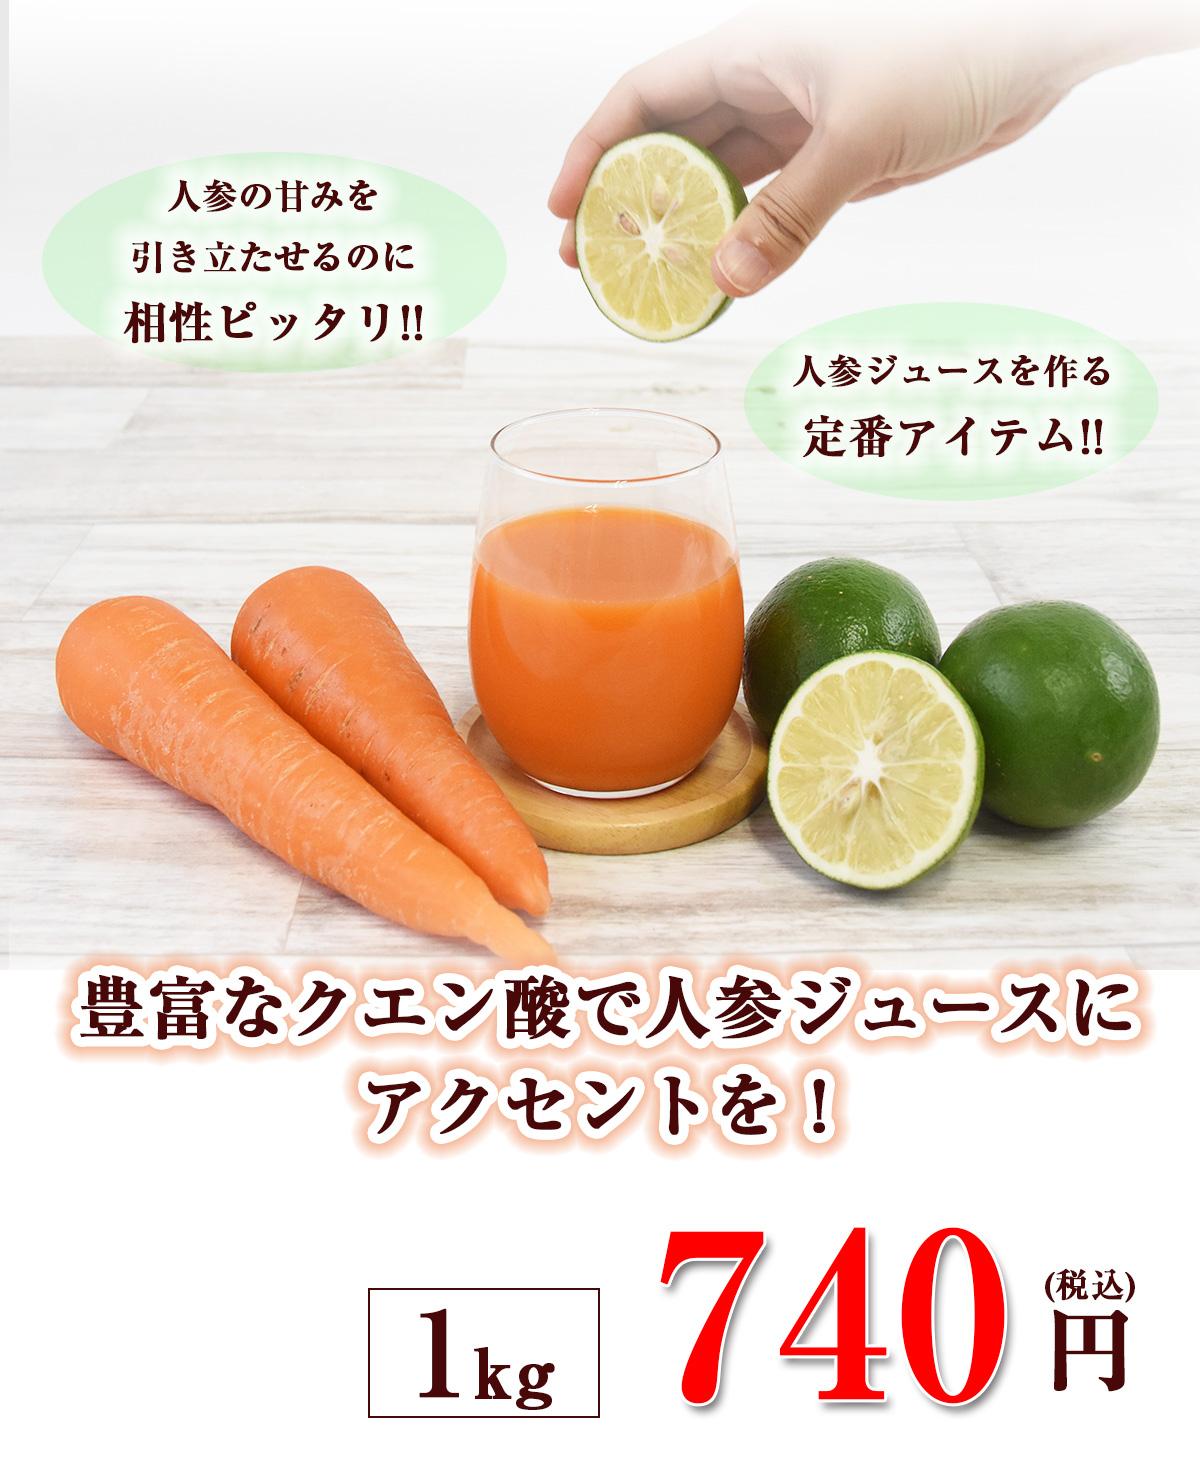 クエン酸で人参ジュースにアクセント 1kg(グリーン)